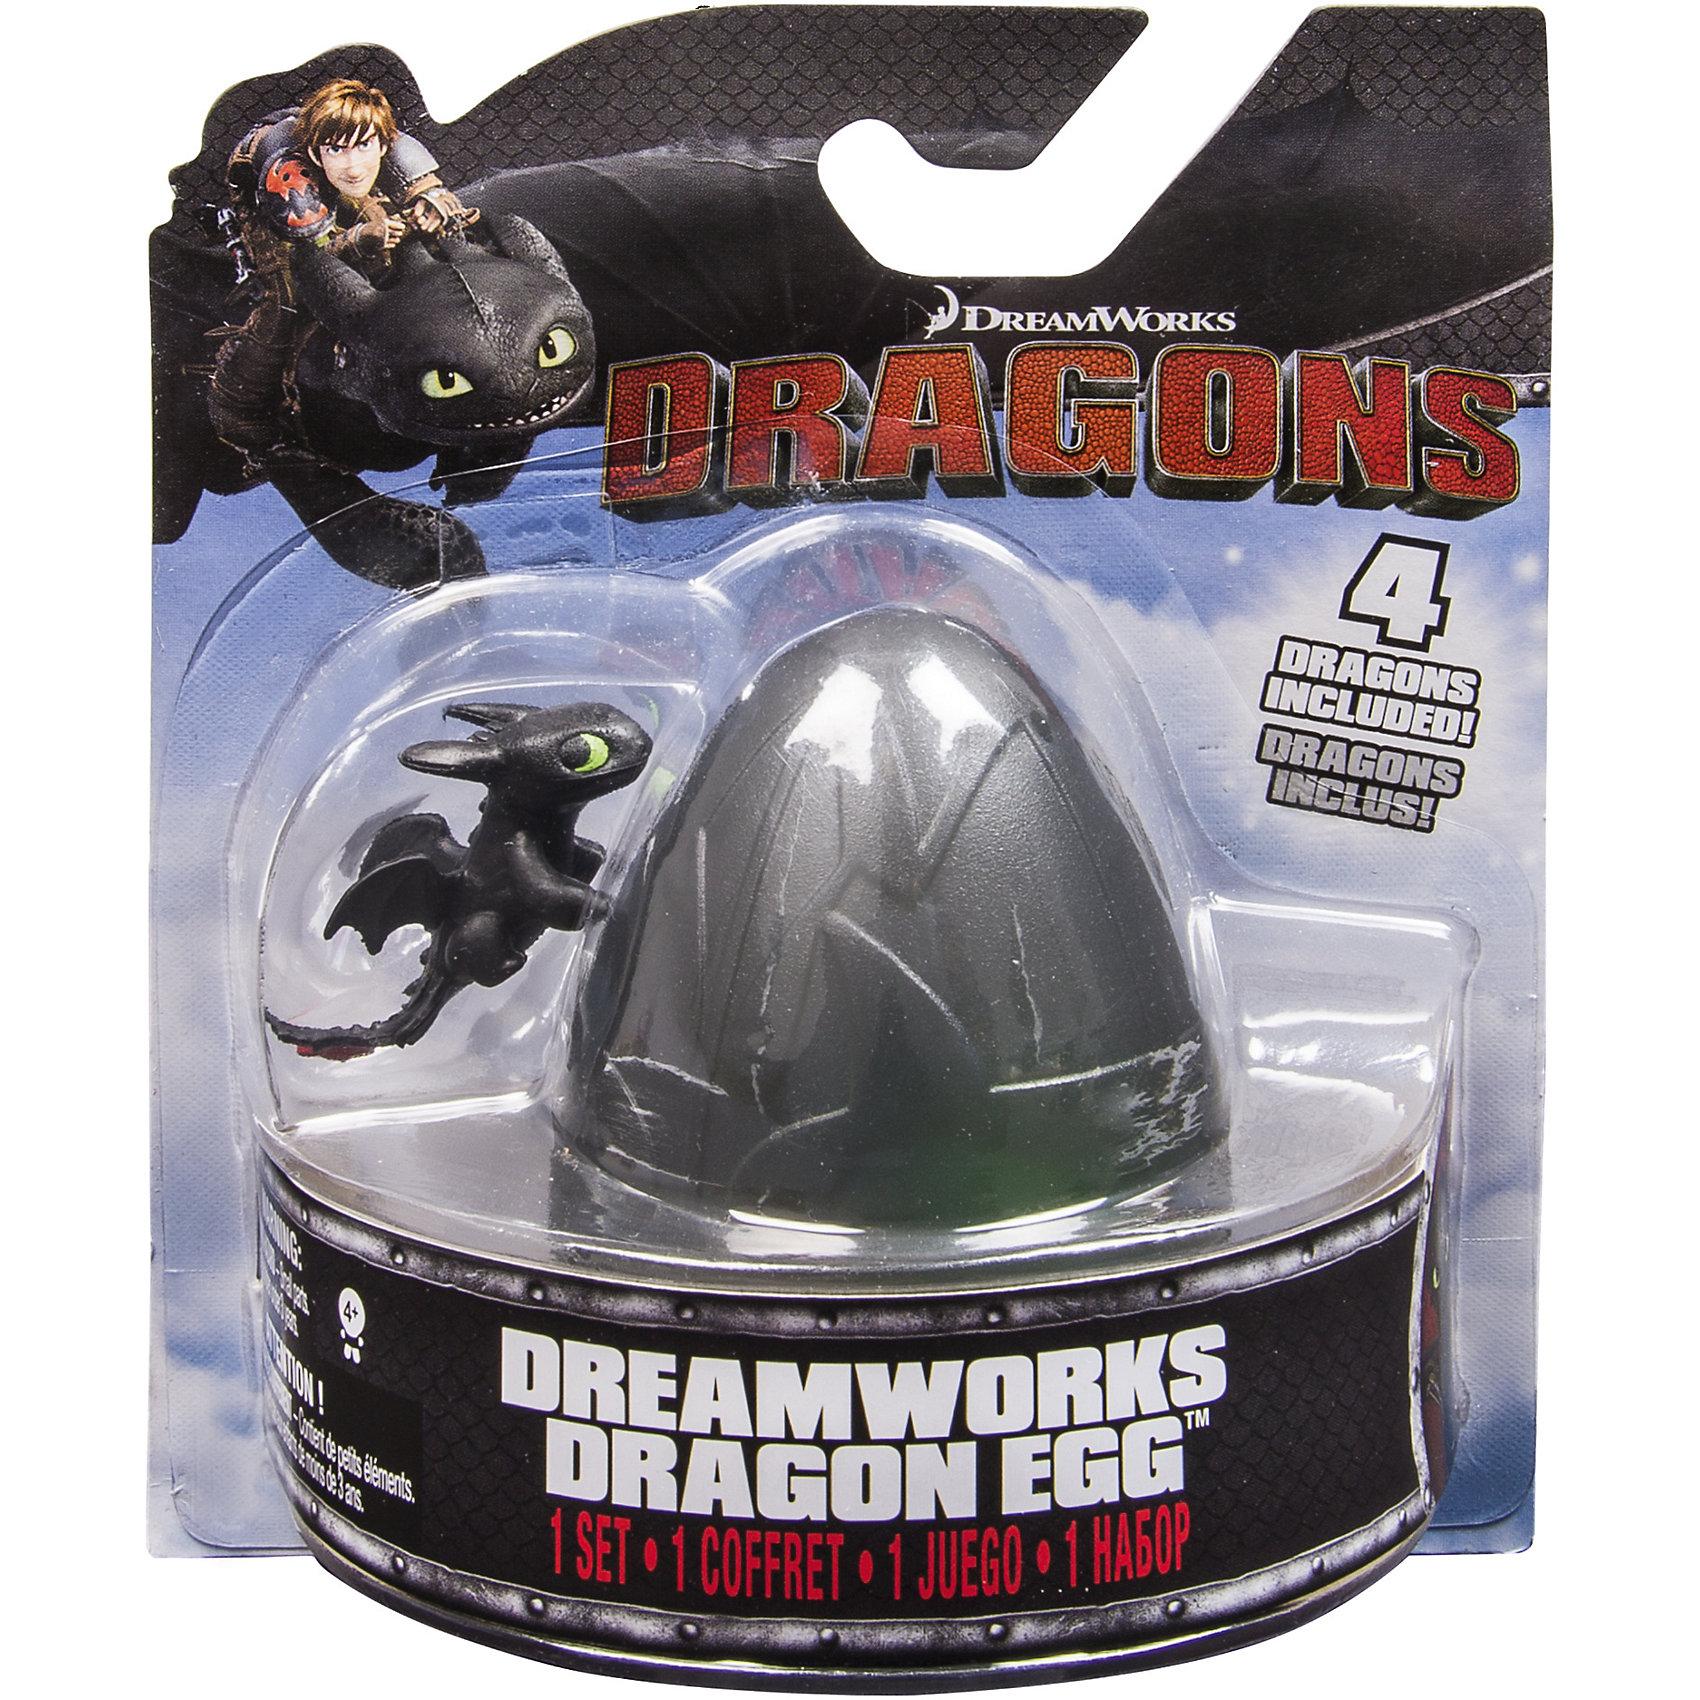 4 дракона в пластмассовом яйце, DragonsКоллекционные и игровые фигурки<br>4 дракона в пластмассовом яйце, Dragons (Драконы), в ассортименте по мотивам мультфильма «Как приручить дракона» не оставит равнодушным ни одного ребенка! Под скорлупой яйца ты можешь обнаружить миниатюрные фигурки Беззубика, Громгильду, Громмеля Сардельку, Кривоклыка и других любимых персонажей. Яйцо можно открывать и закрывать.<br><br>Комплектация: яйцо, 4 разных дракончика<br><br>Дополнительная информация:<br>-Серия: Как приручить дракона<br>-Материалы: пластик<br>-Размеры в упаковке: 16х7х14 см<br>-Вес в упаковке: 200 г<br>-Размер фигурок: около 2 см<br>-В ассортименте: 6 наборов с черным, фиолетовым, серым, темно-зеленым, светло-красным и голубым яйцом (Заранее выбрать невозможно, при заказе нескольких возможно получение одинаковых)<br><br>Собери всю разноцветную компанию драконов и играй вместе с друзьями!<br><br>4 дракона в пластмассовом яйце, Dragons (Драконы), в ассортименте можно купить в нашем магазине.<br><br>Ширина мм: 160<br>Глубина мм: 142<br>Высота мм: 68<br>Вес г: 65<br>Возраст от месяцев: 36<br>Возраст до месяцев: 96<br>Пол: Мужской<br>Возраст: Детский<br>SKU: 3894433